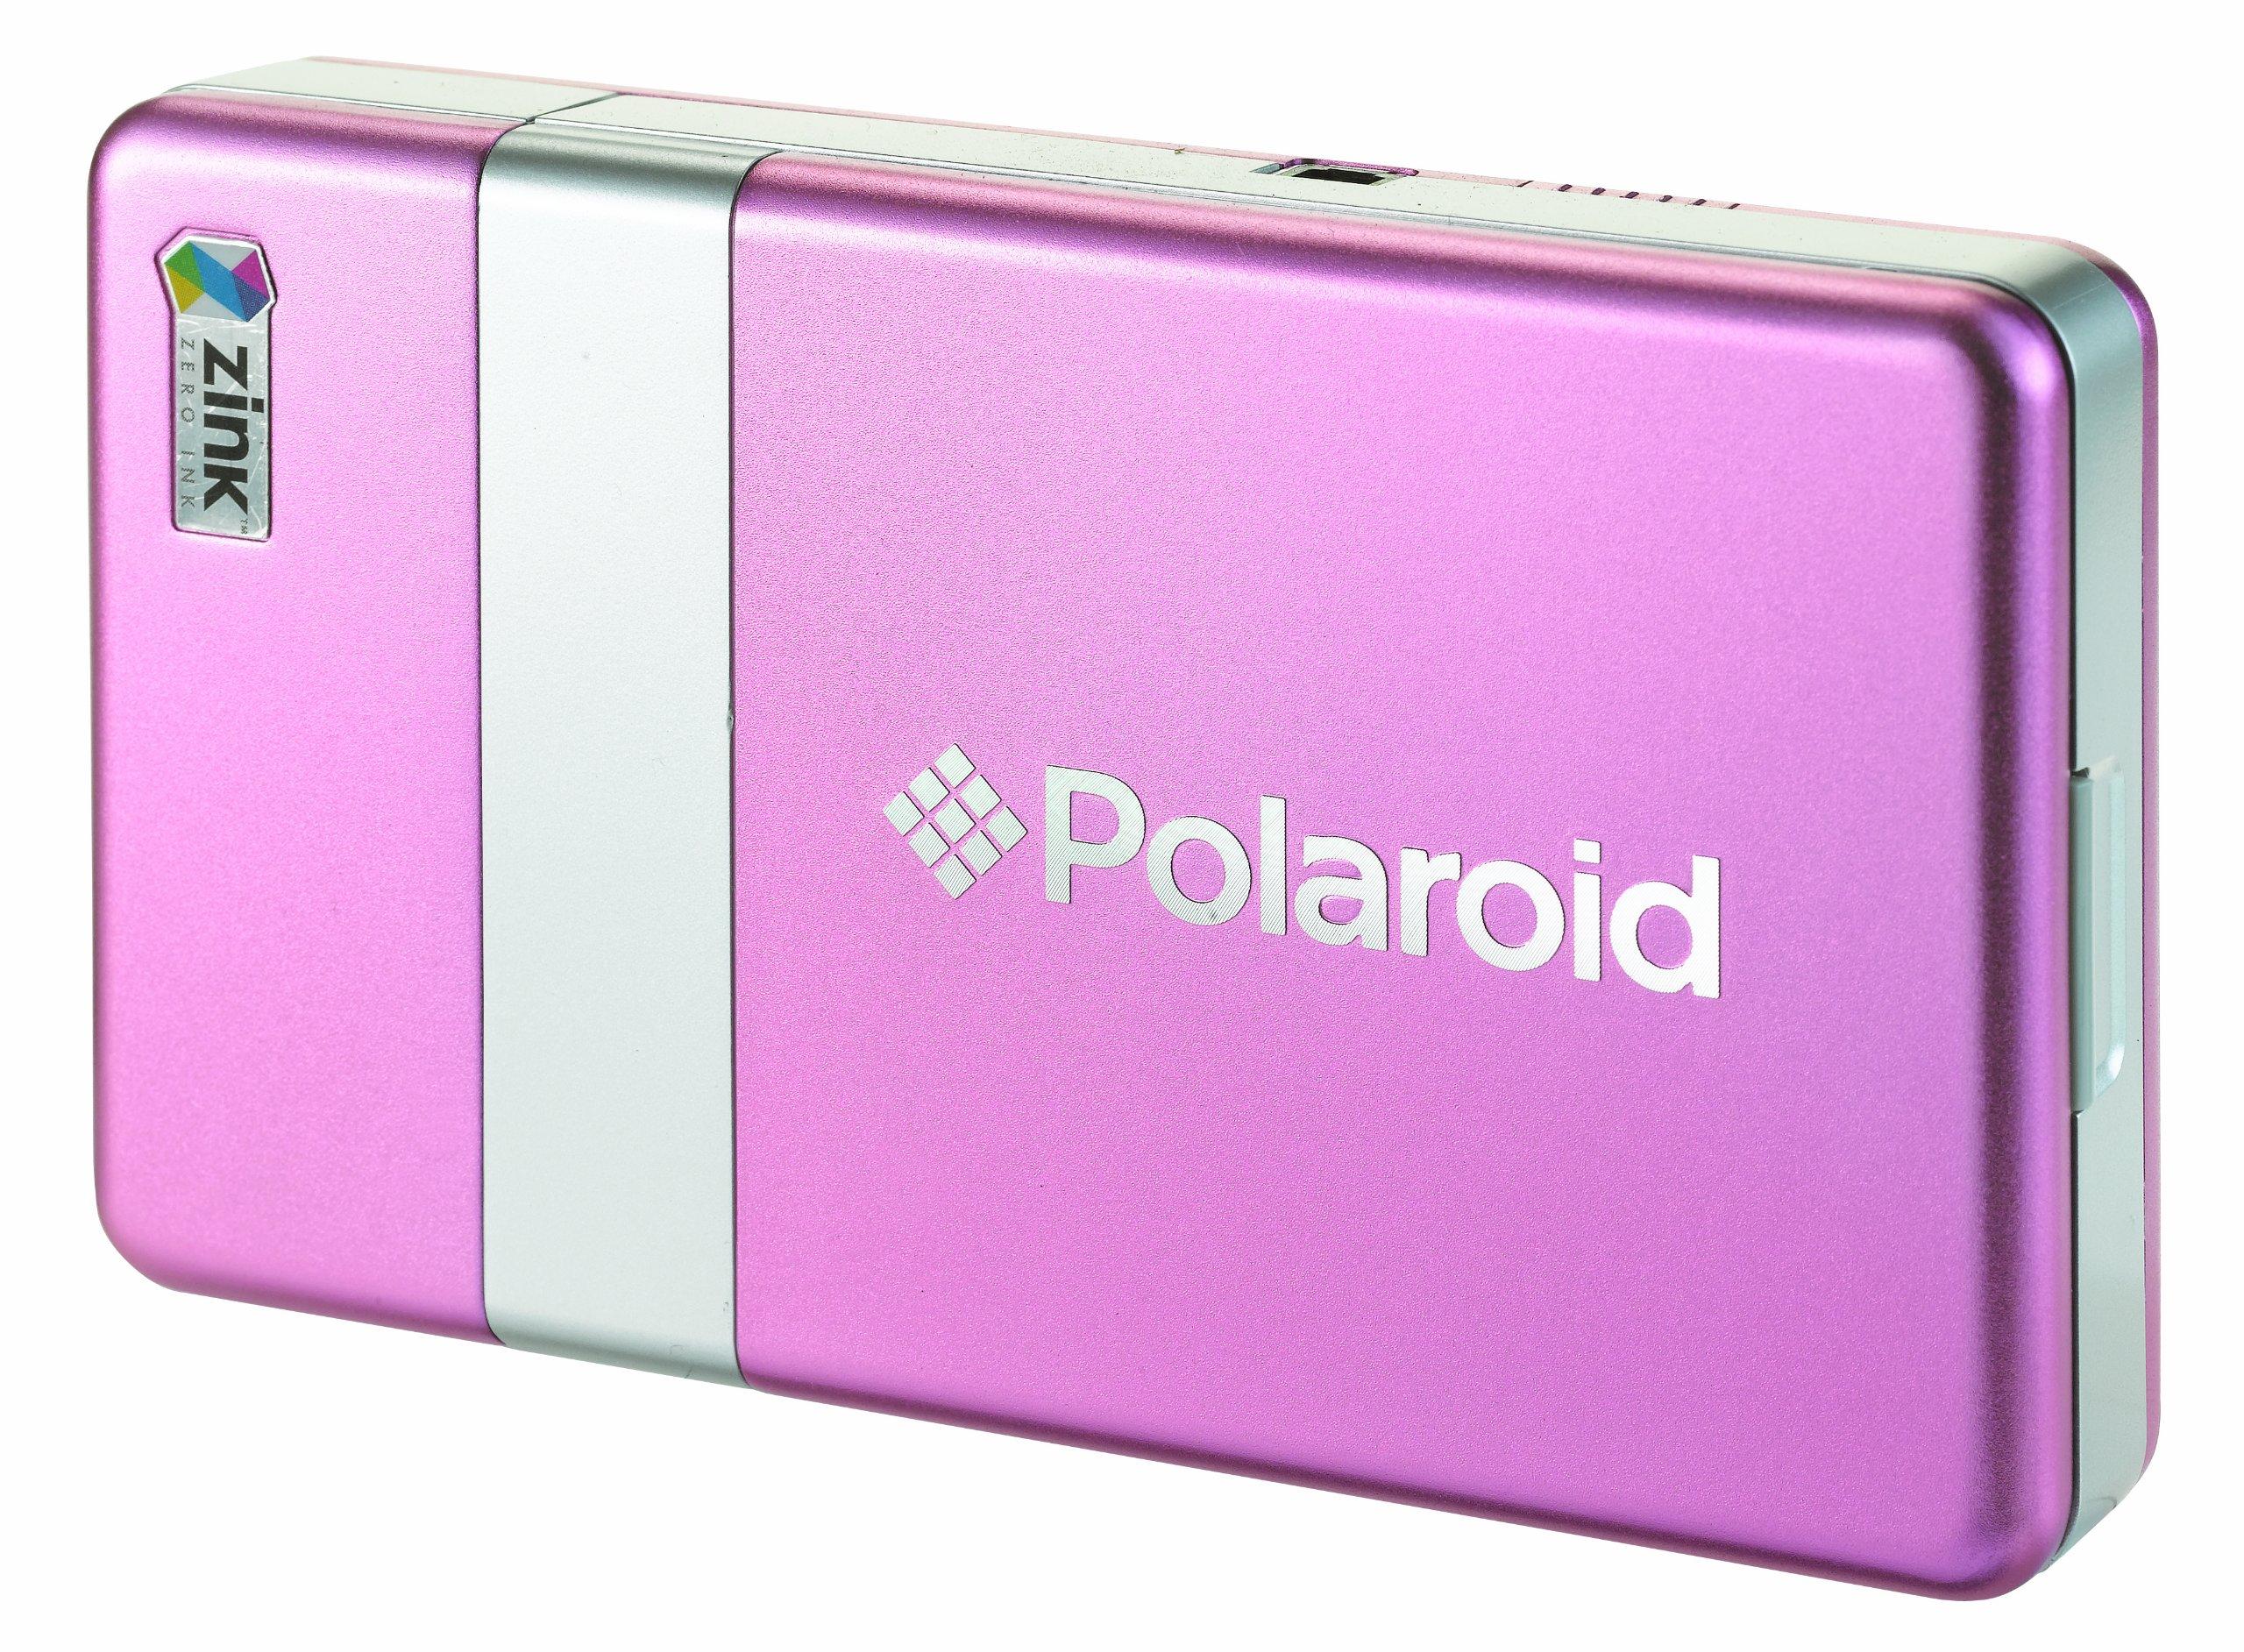 Polaroid PoGo CZA-10011P Instant Mobile Printer (Pink)